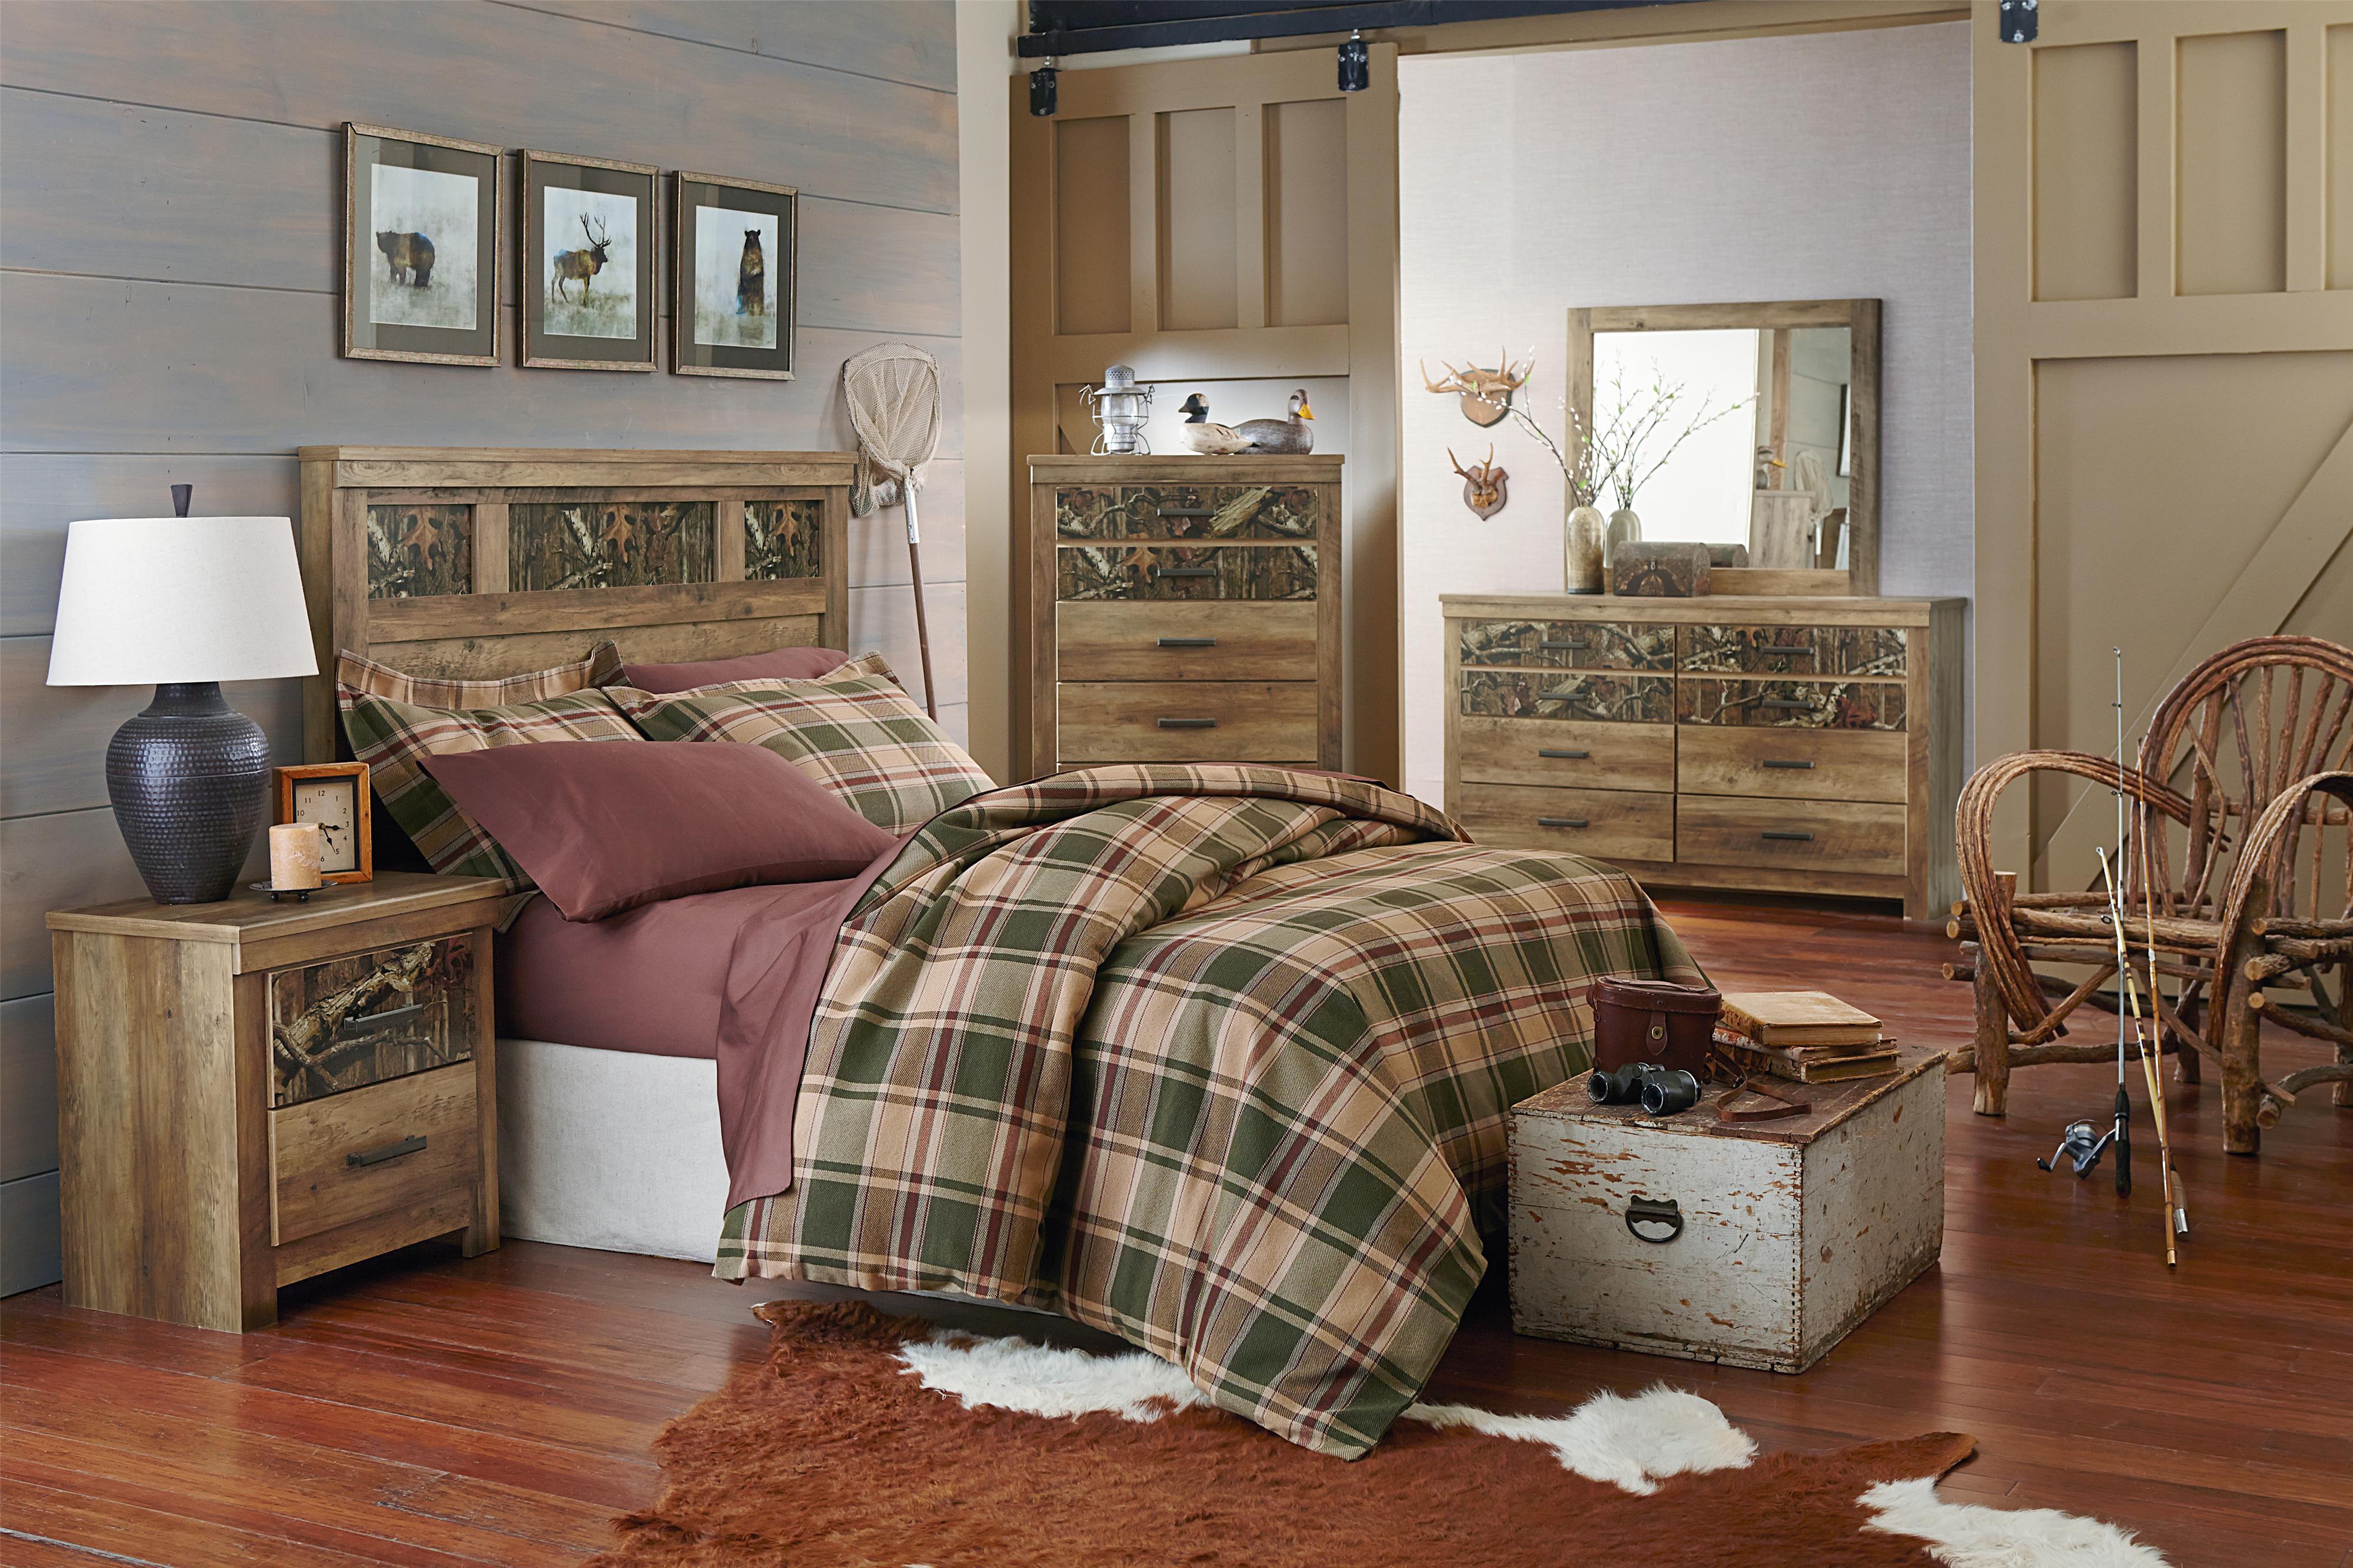 Standard Furniture Habitat Full Queen Bedroom Group Adcock Furniture Bedroom Group